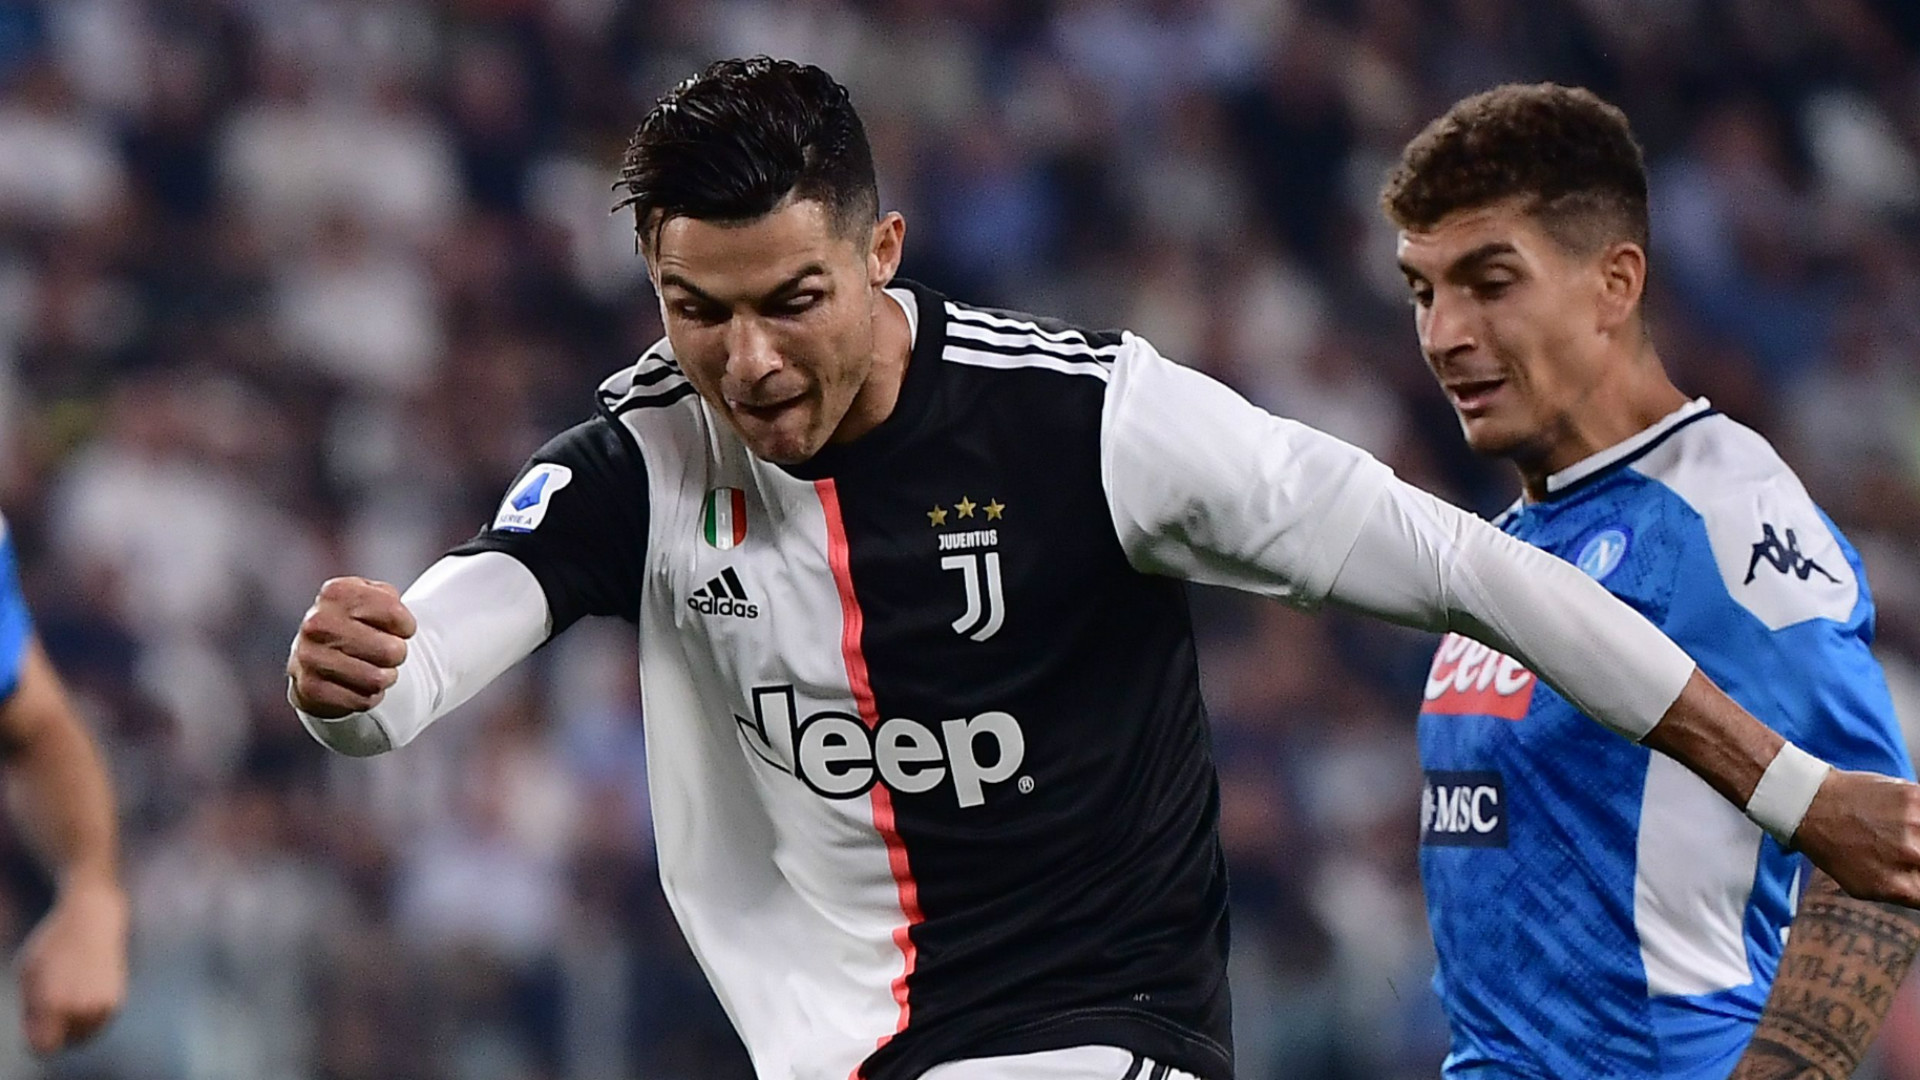 Ronaldo Juventus, nuovo contratto faraonico per CR7: 162 milioni in totale